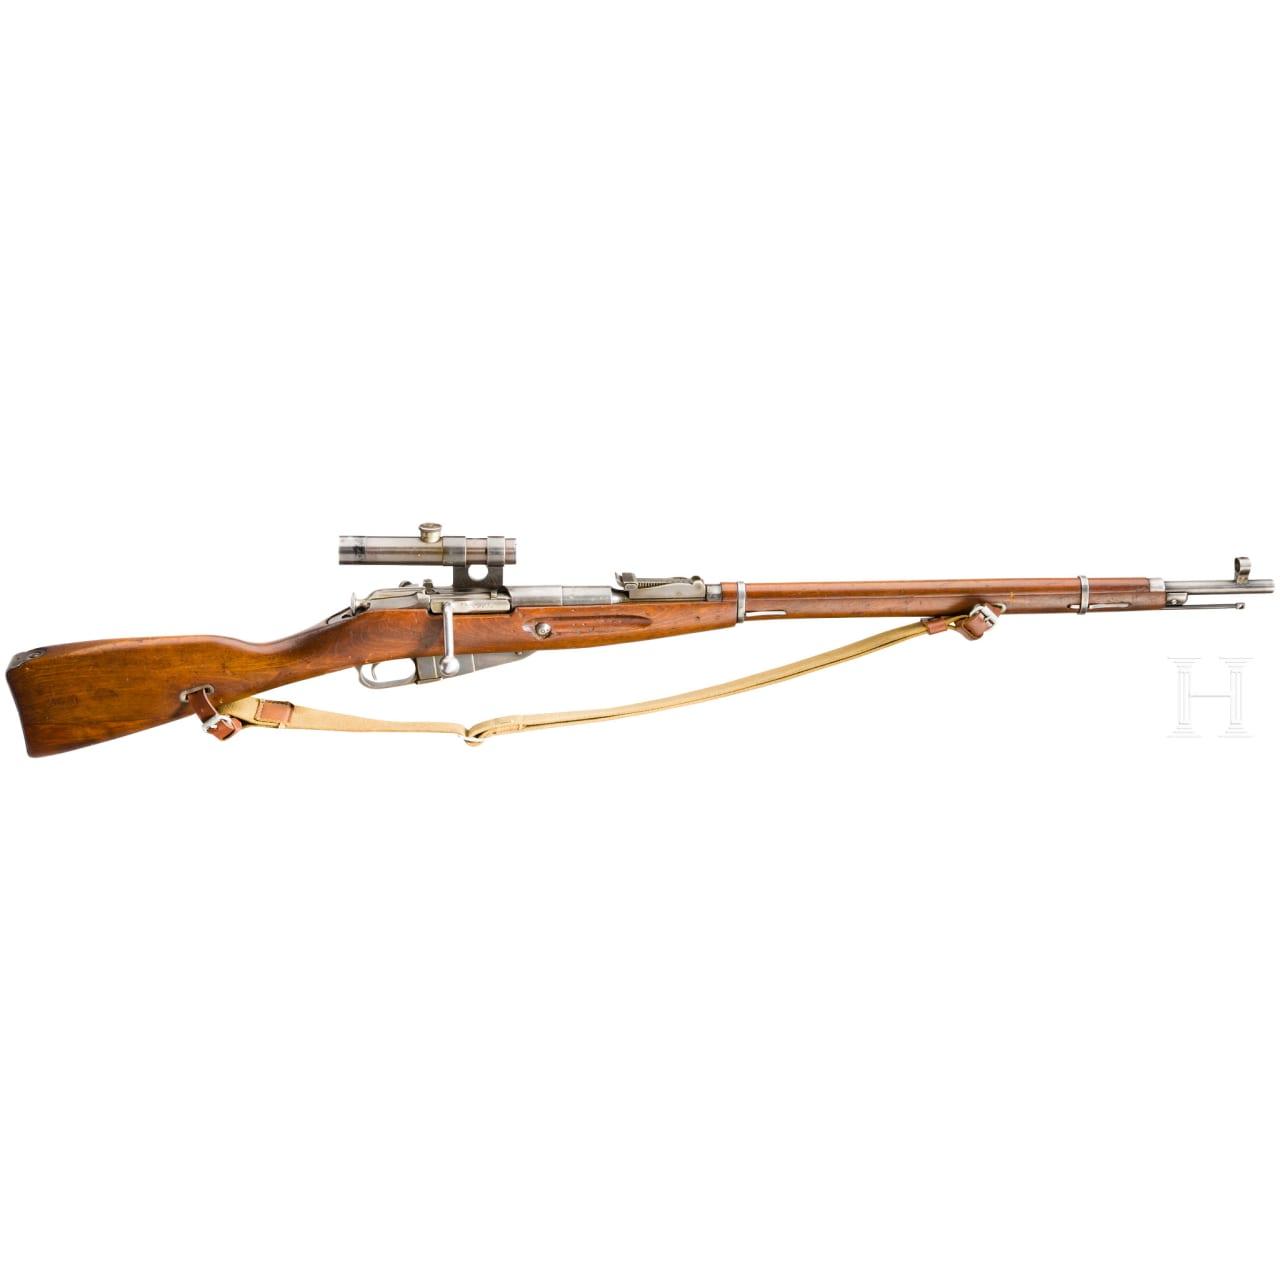 Scharfschützengewehr Mosin-Nagant Mod. 1891/30 , mit ZF PU